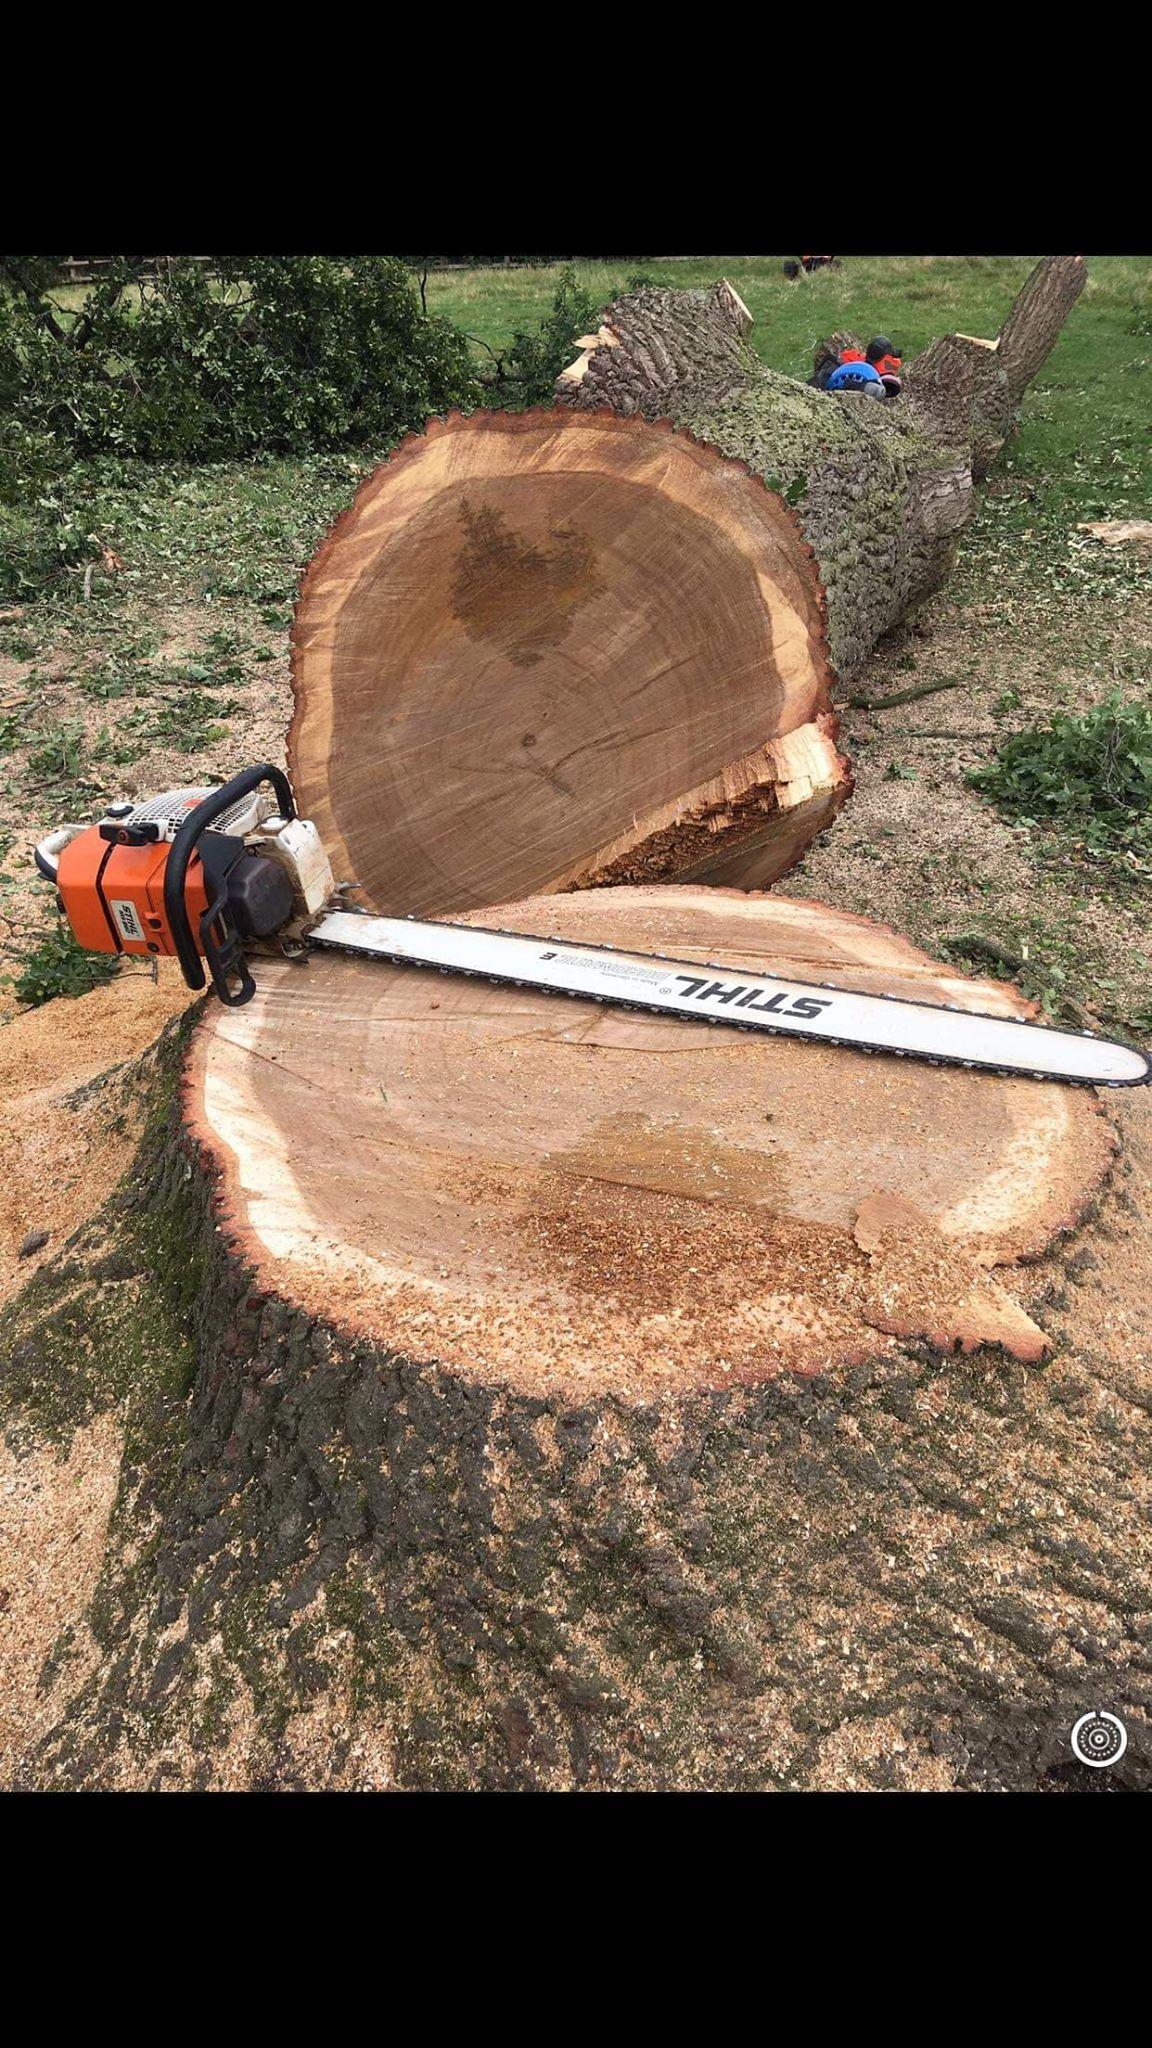 felled oak tree wth a stihl chainsaw